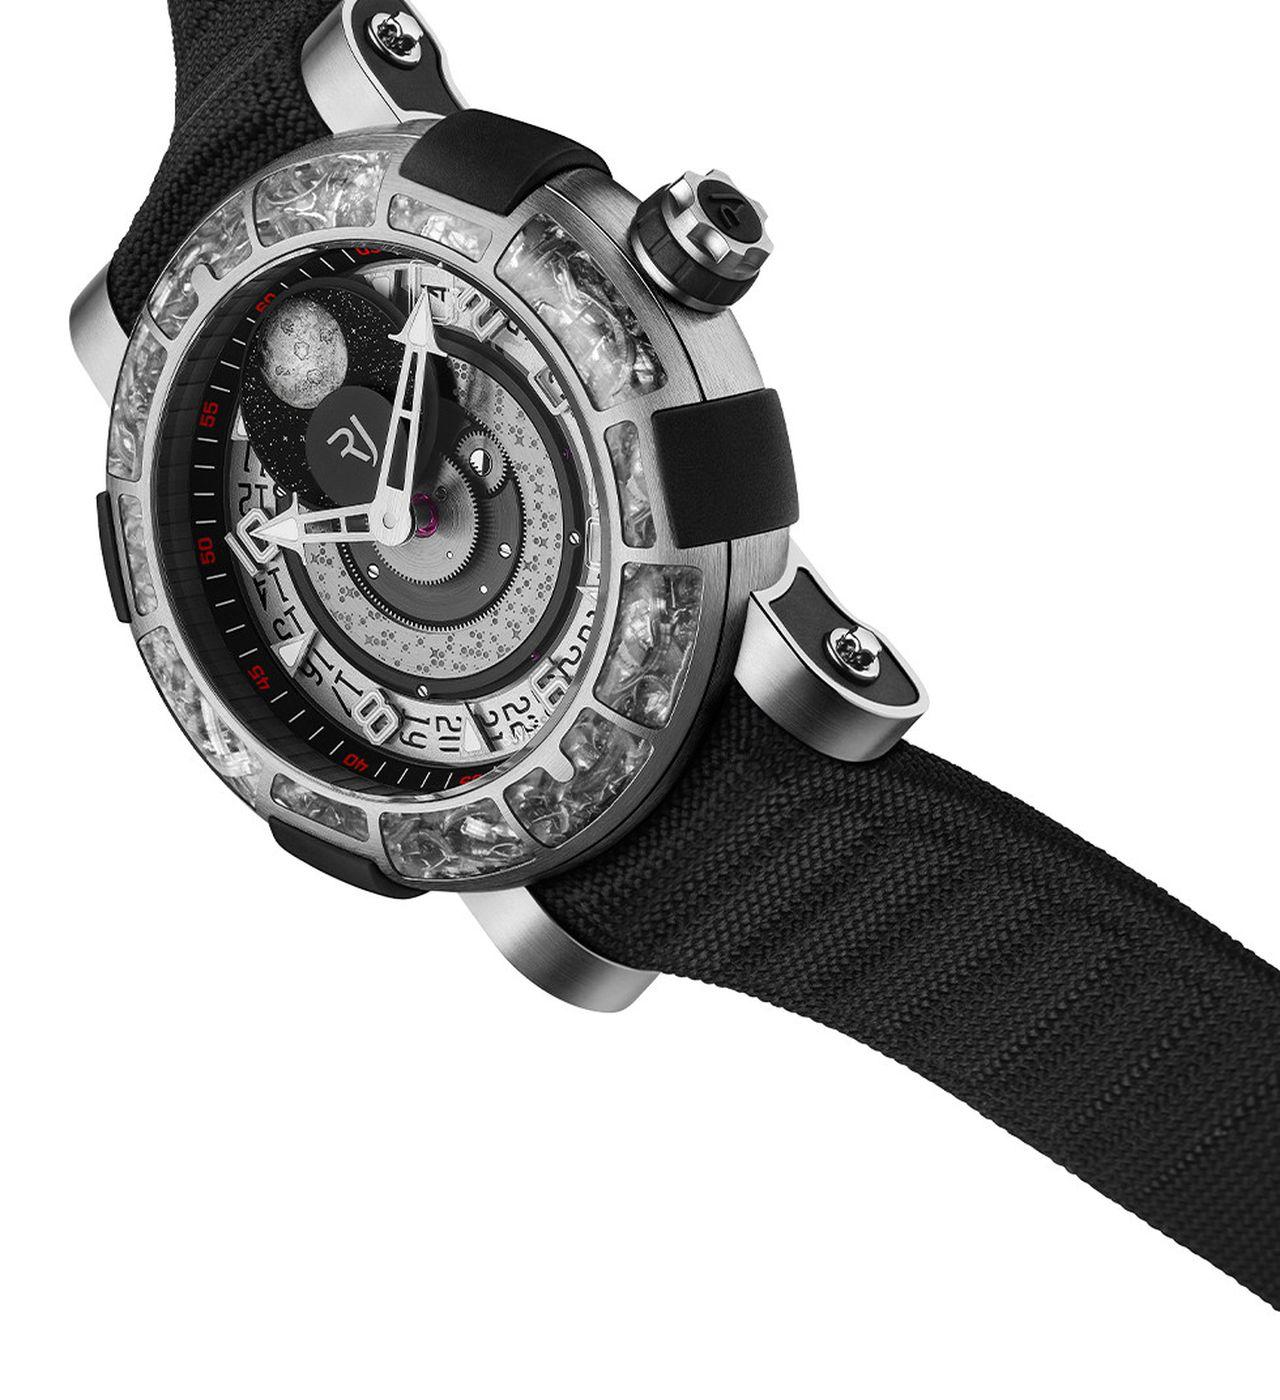 RJ Arraw 6919 - az óra, amely megengedheti magának, hogy szövetszíjat adjon a közel 20000 eurós órájához